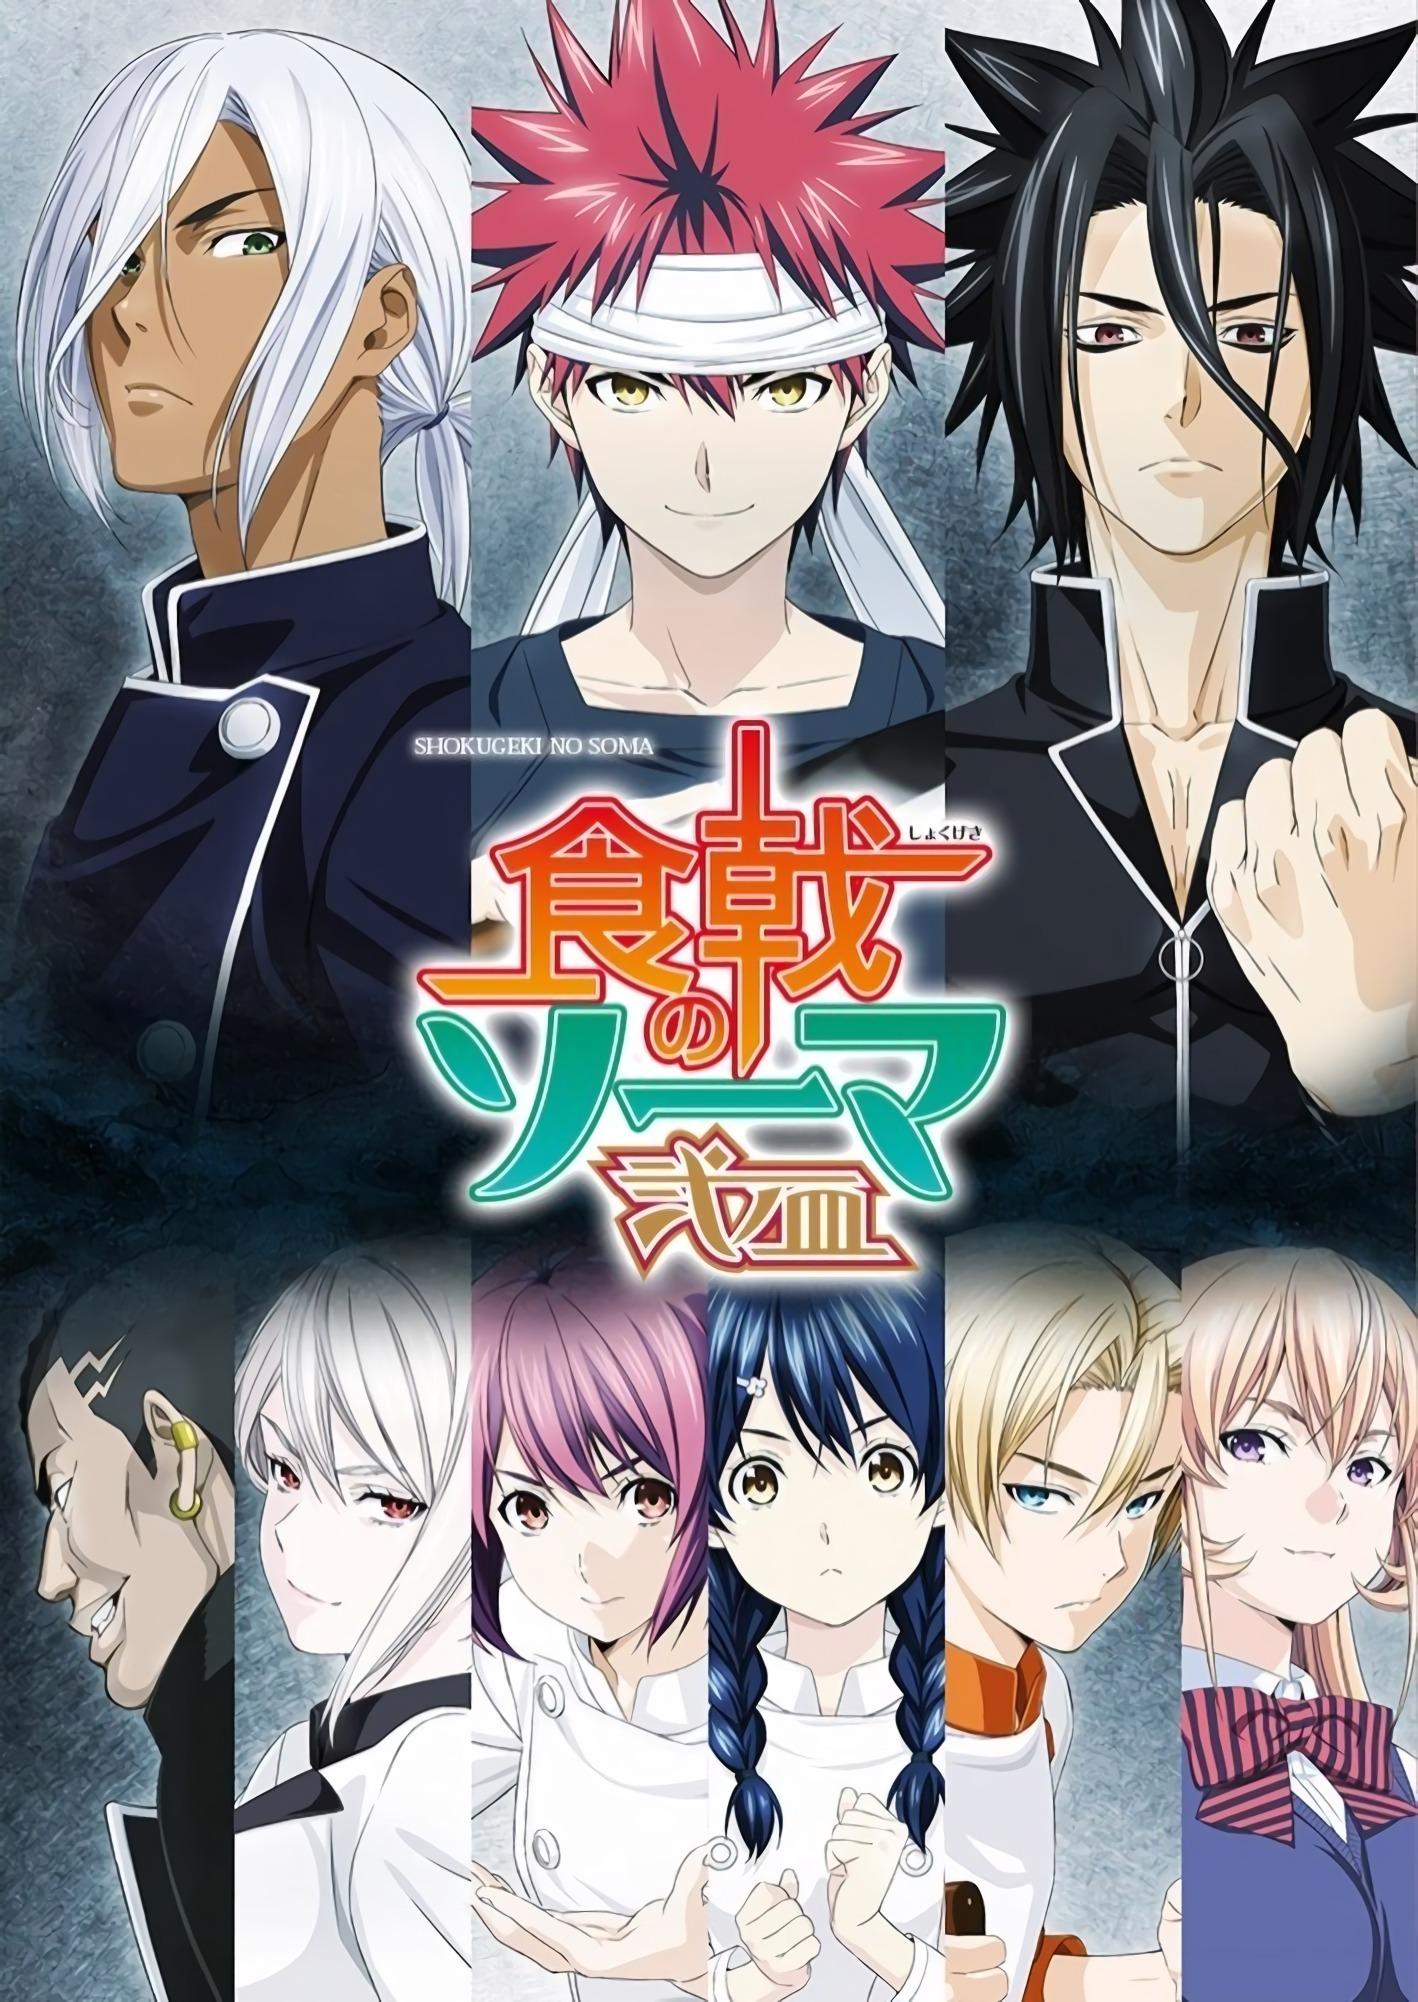 Shokugeki-no-Soma-Ni-no-Sara-Cover.jpg